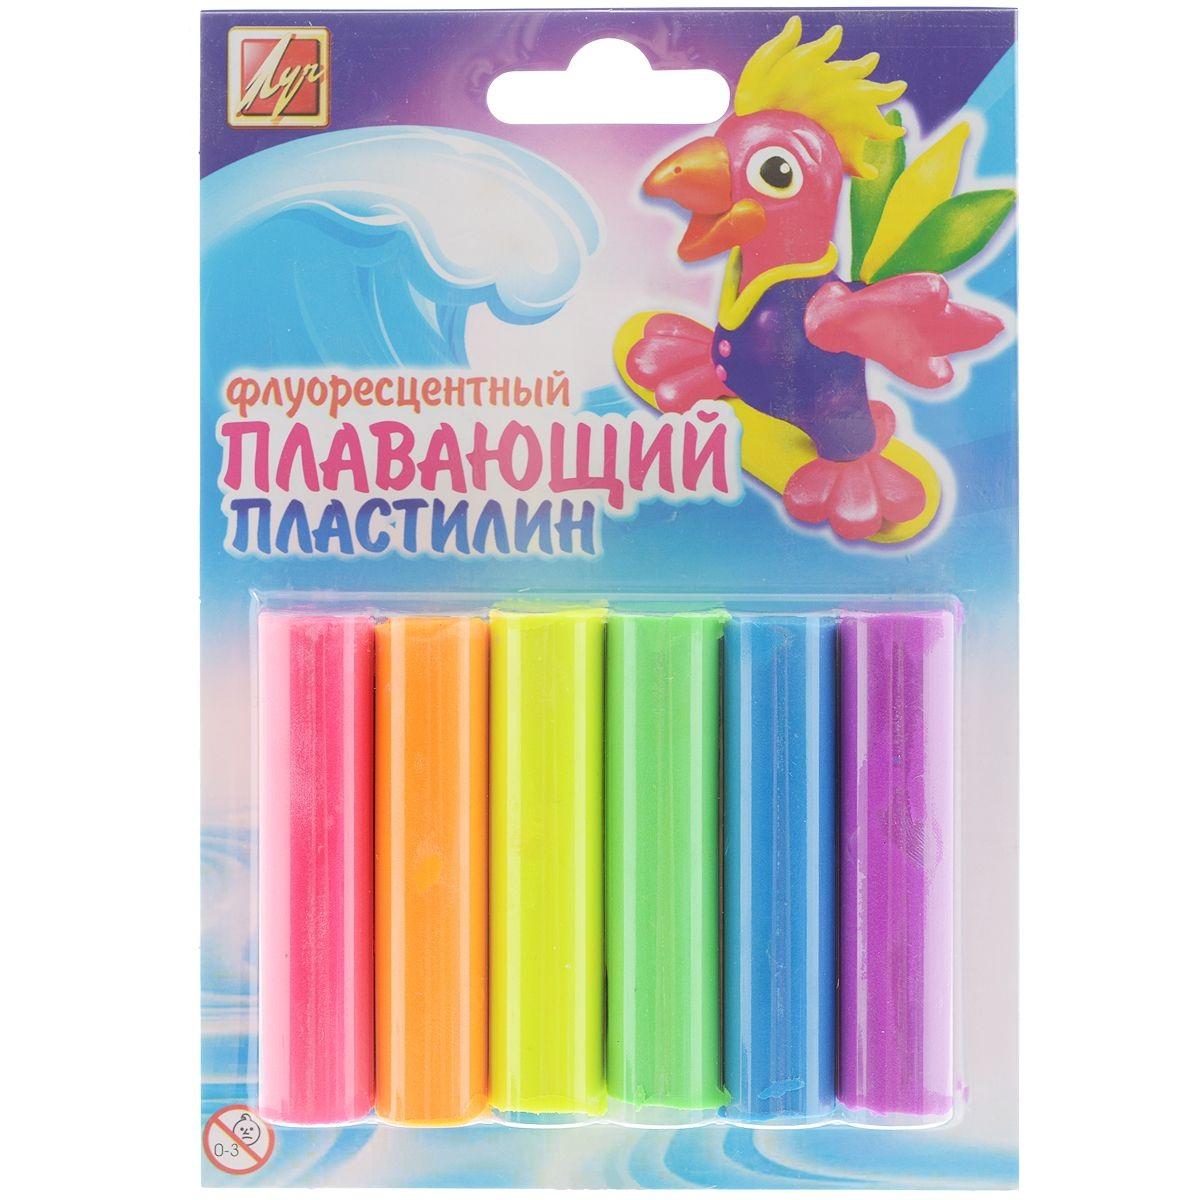 Пластилин плавающий флуоресцентный, 6 цветовНаборы для лепки<br>Пластилин плавающий флуоресцентный, 6 цветов<br>